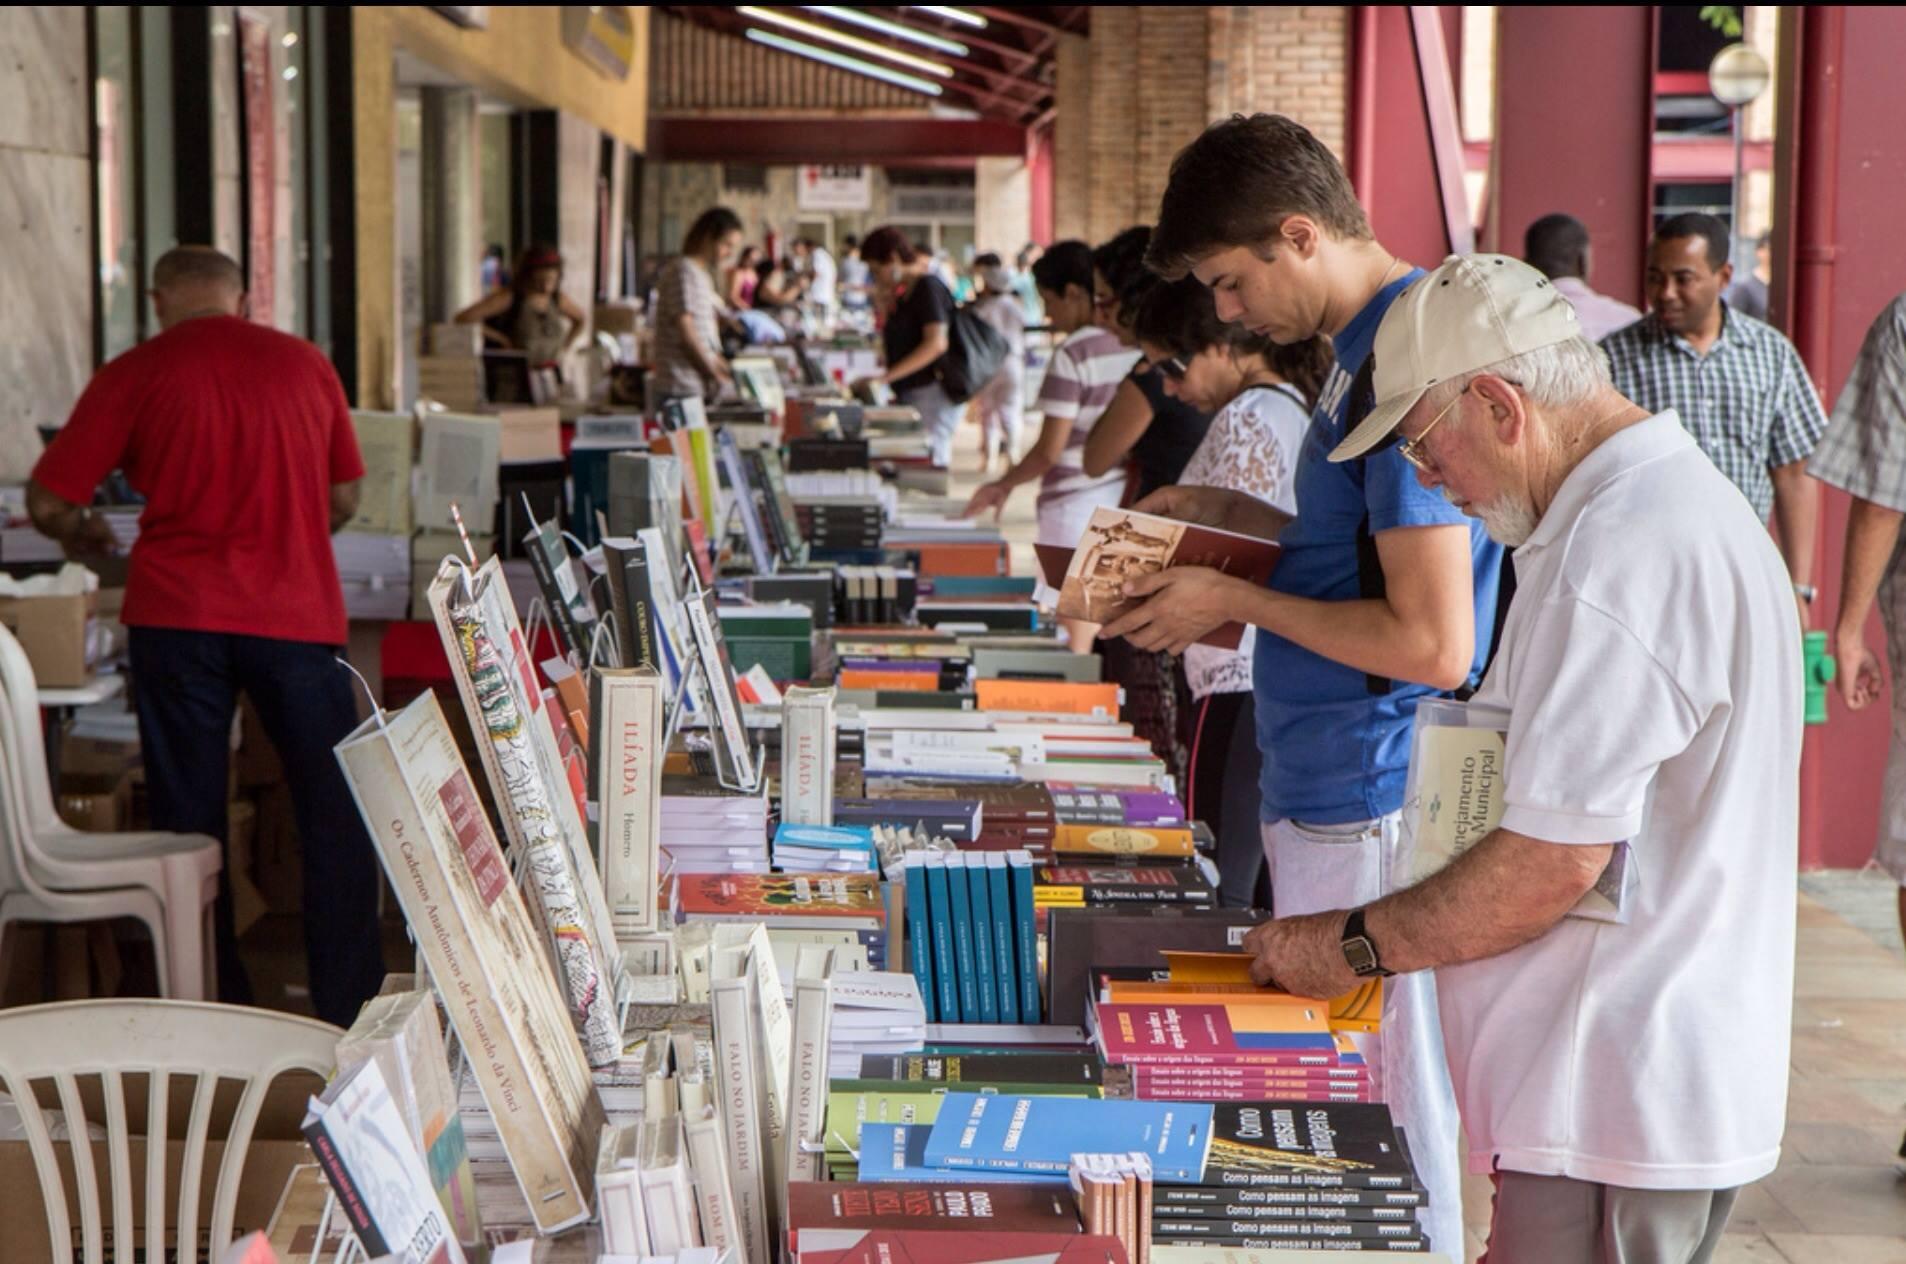 Feira Universitária do Livro UFMG (Foto: Lucas Braga)